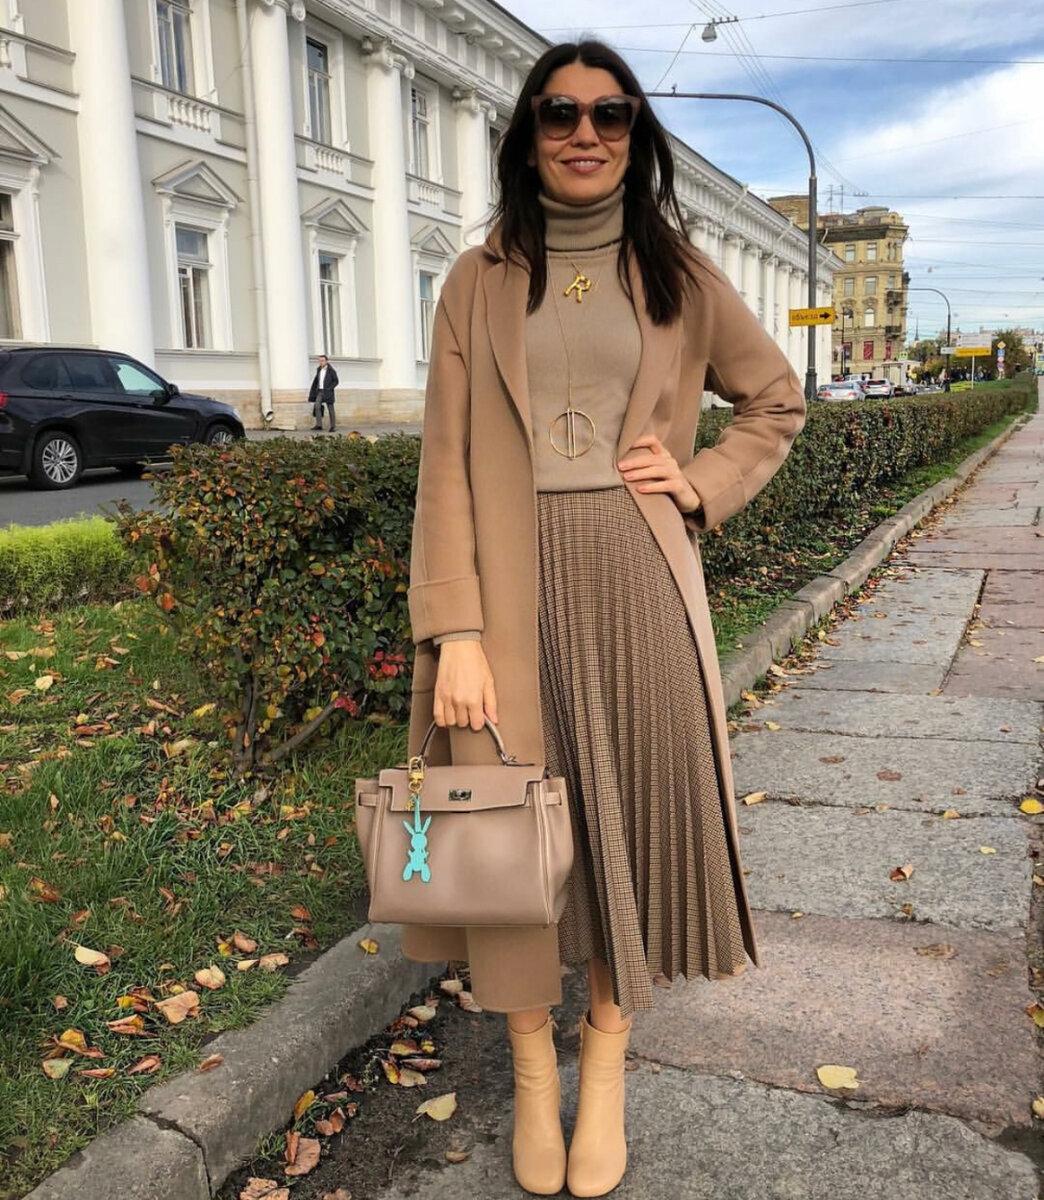 Осенние образы от Елены Ромашовой: 13 невероятно стильных идей total look